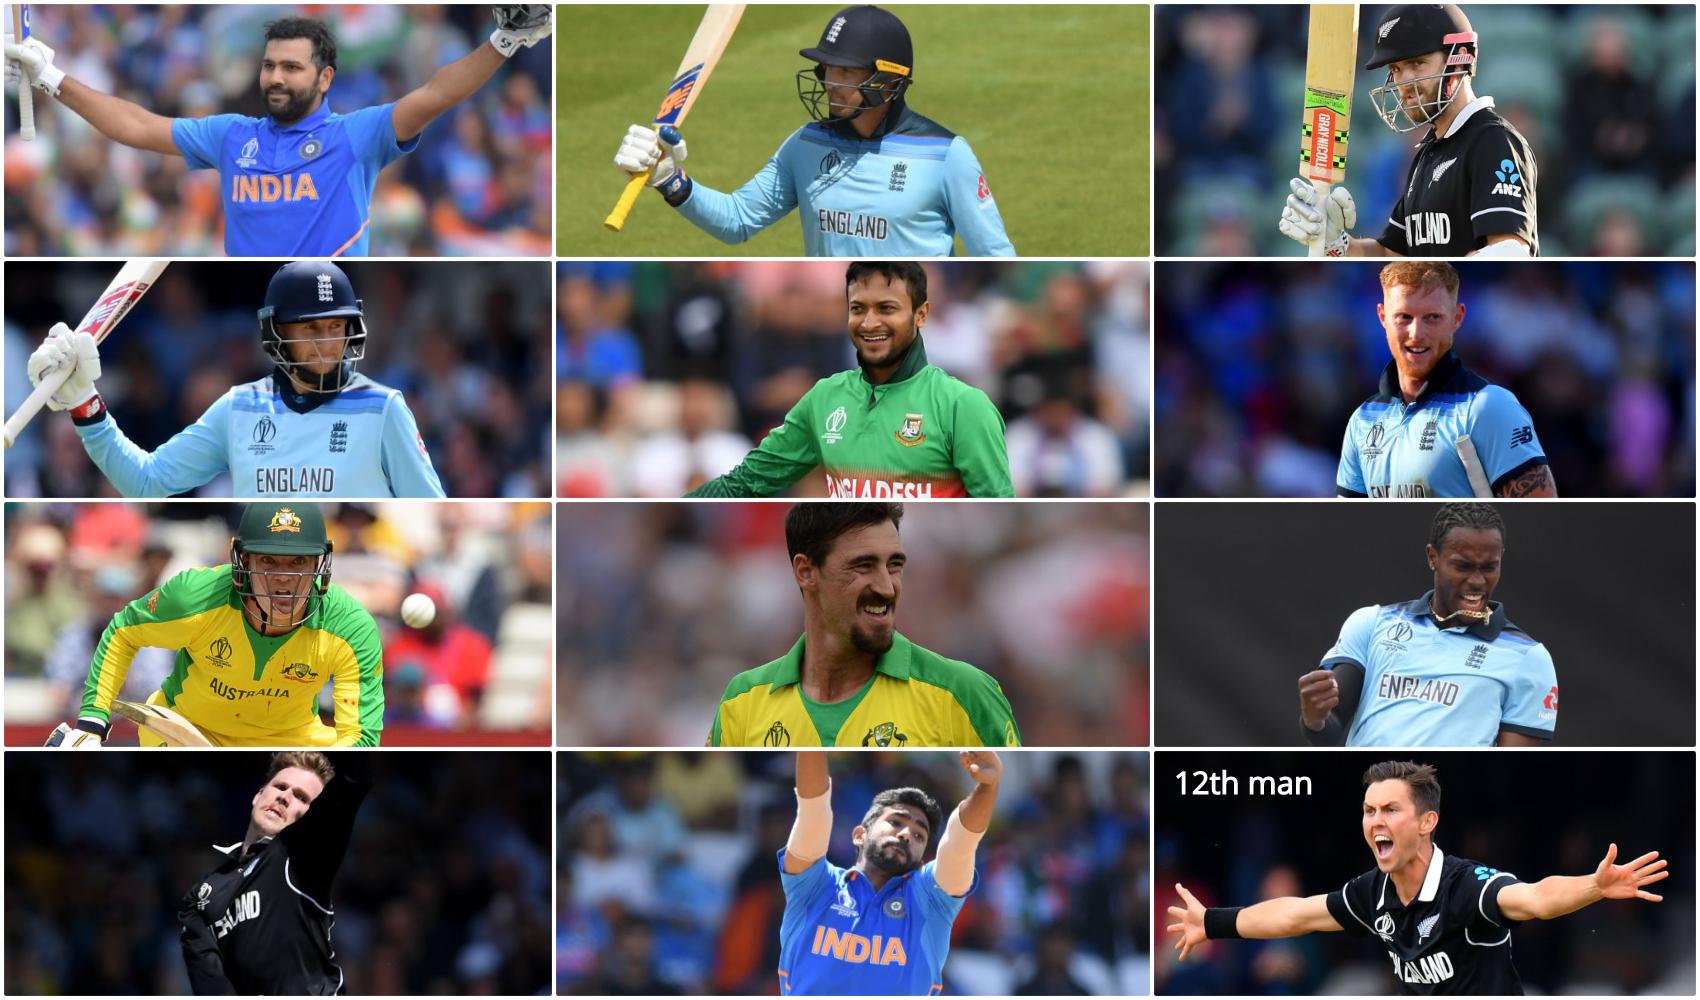 आईसीसी ने विश्व कप 2019 के एक साल पूरे होने पर चुनी टीम ऑफ द टूर्नामेंट, भारत के इन दो खिलाड़ियों को दी जगह 1